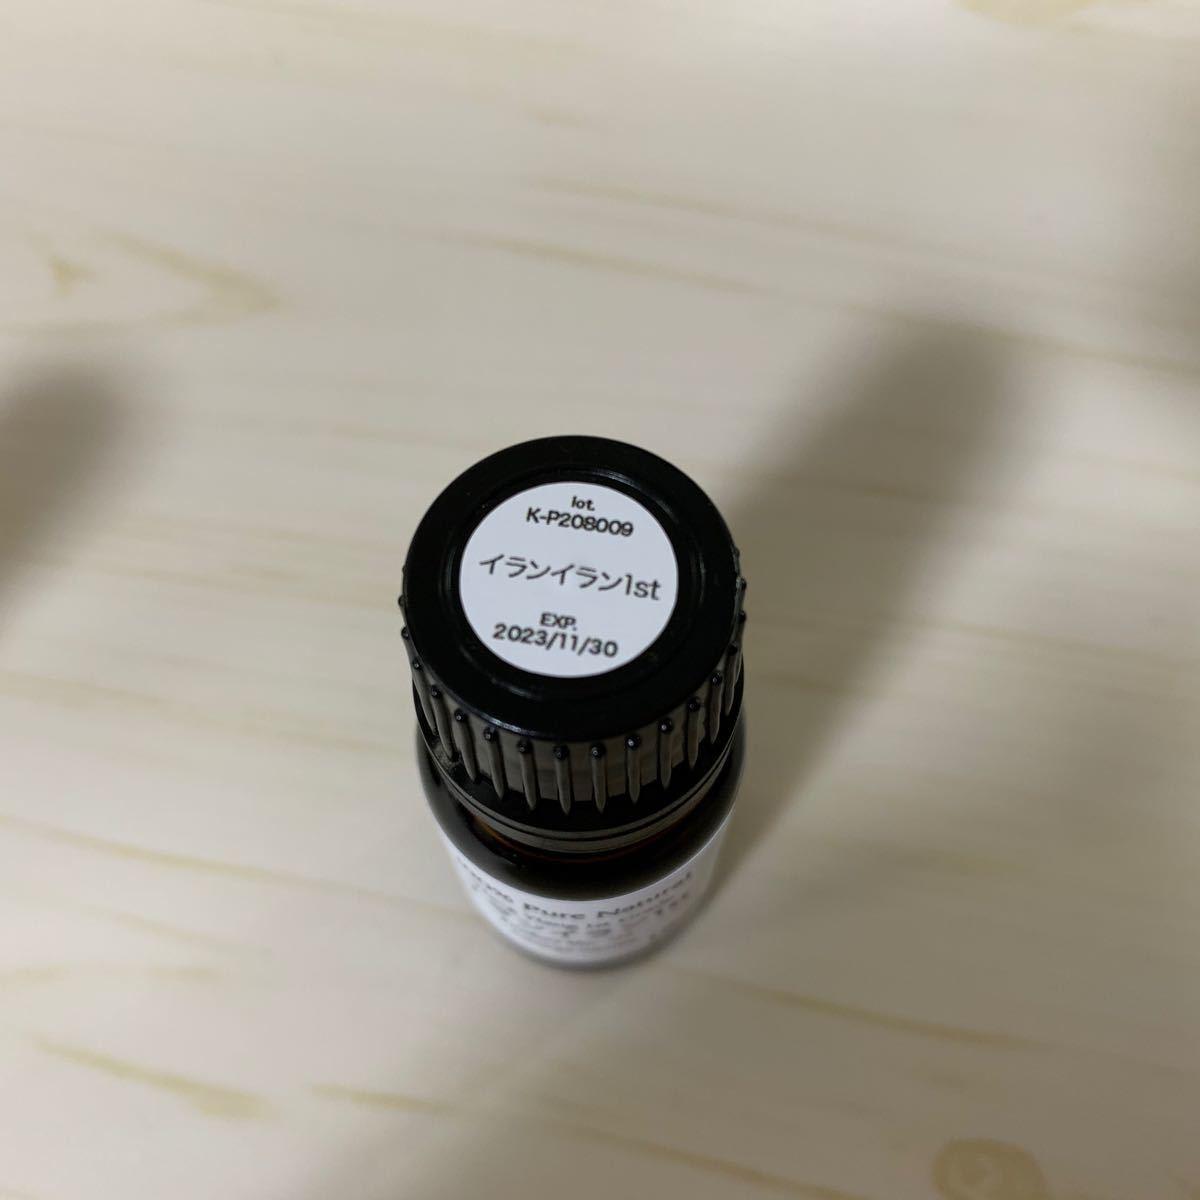 エッセンシャルオイル イランイラン1st 精油